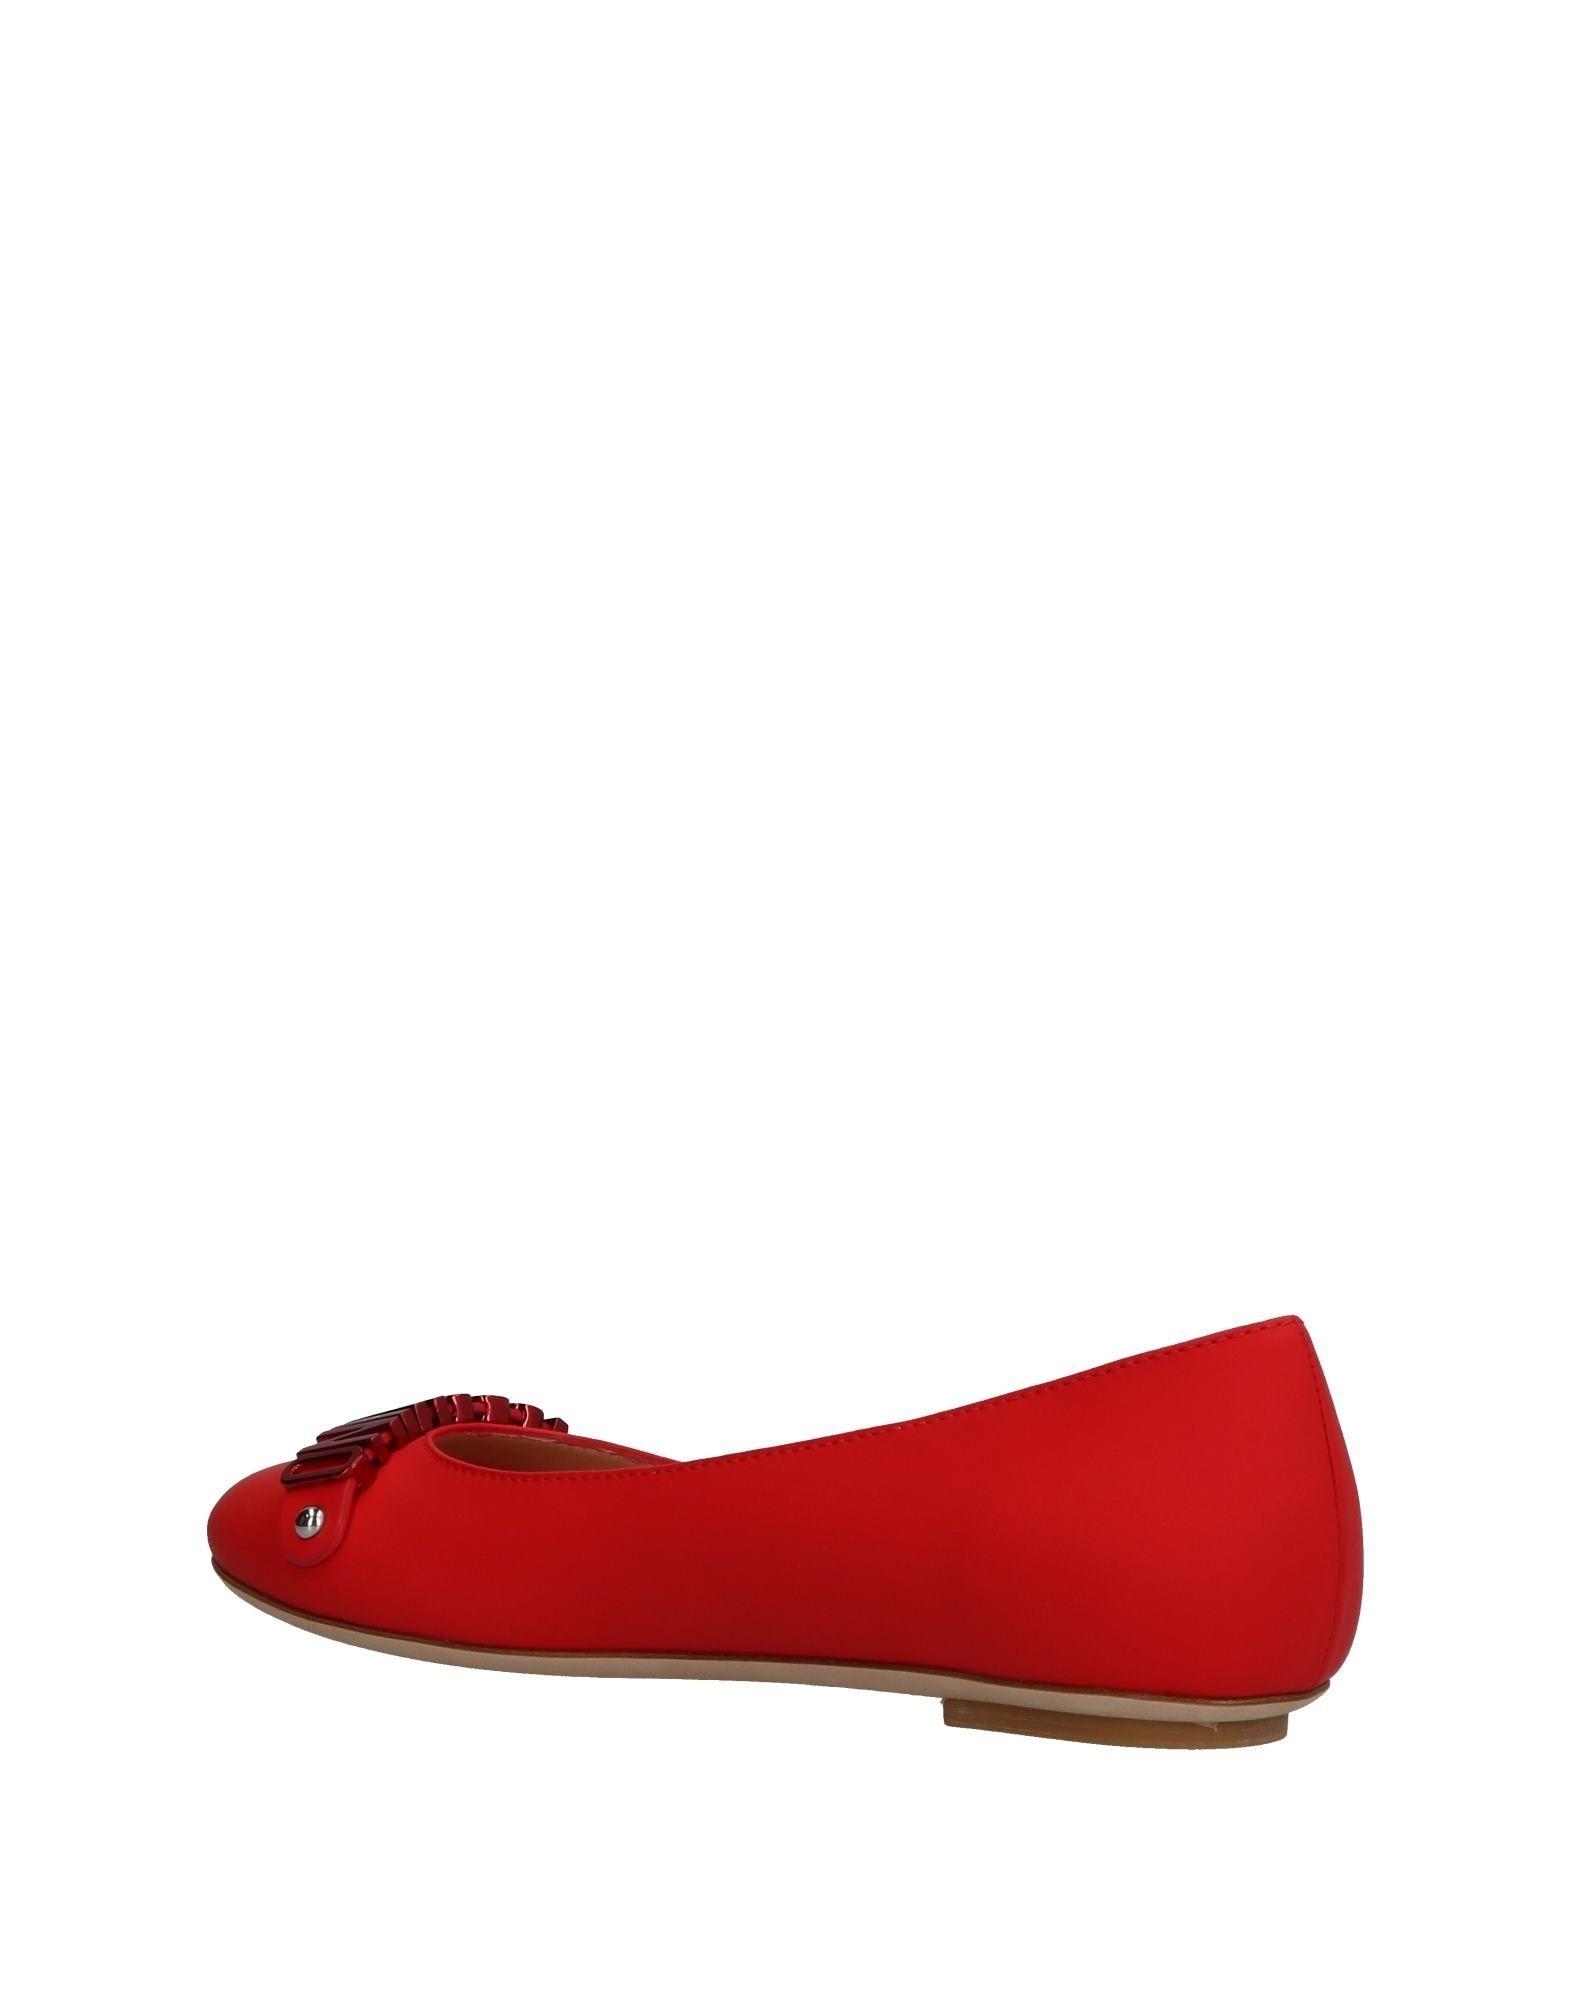 Moschino Ballerinas Qualität Damen  11326619HN Gute Qualität Ballerinas beliebte Schuhe 578927